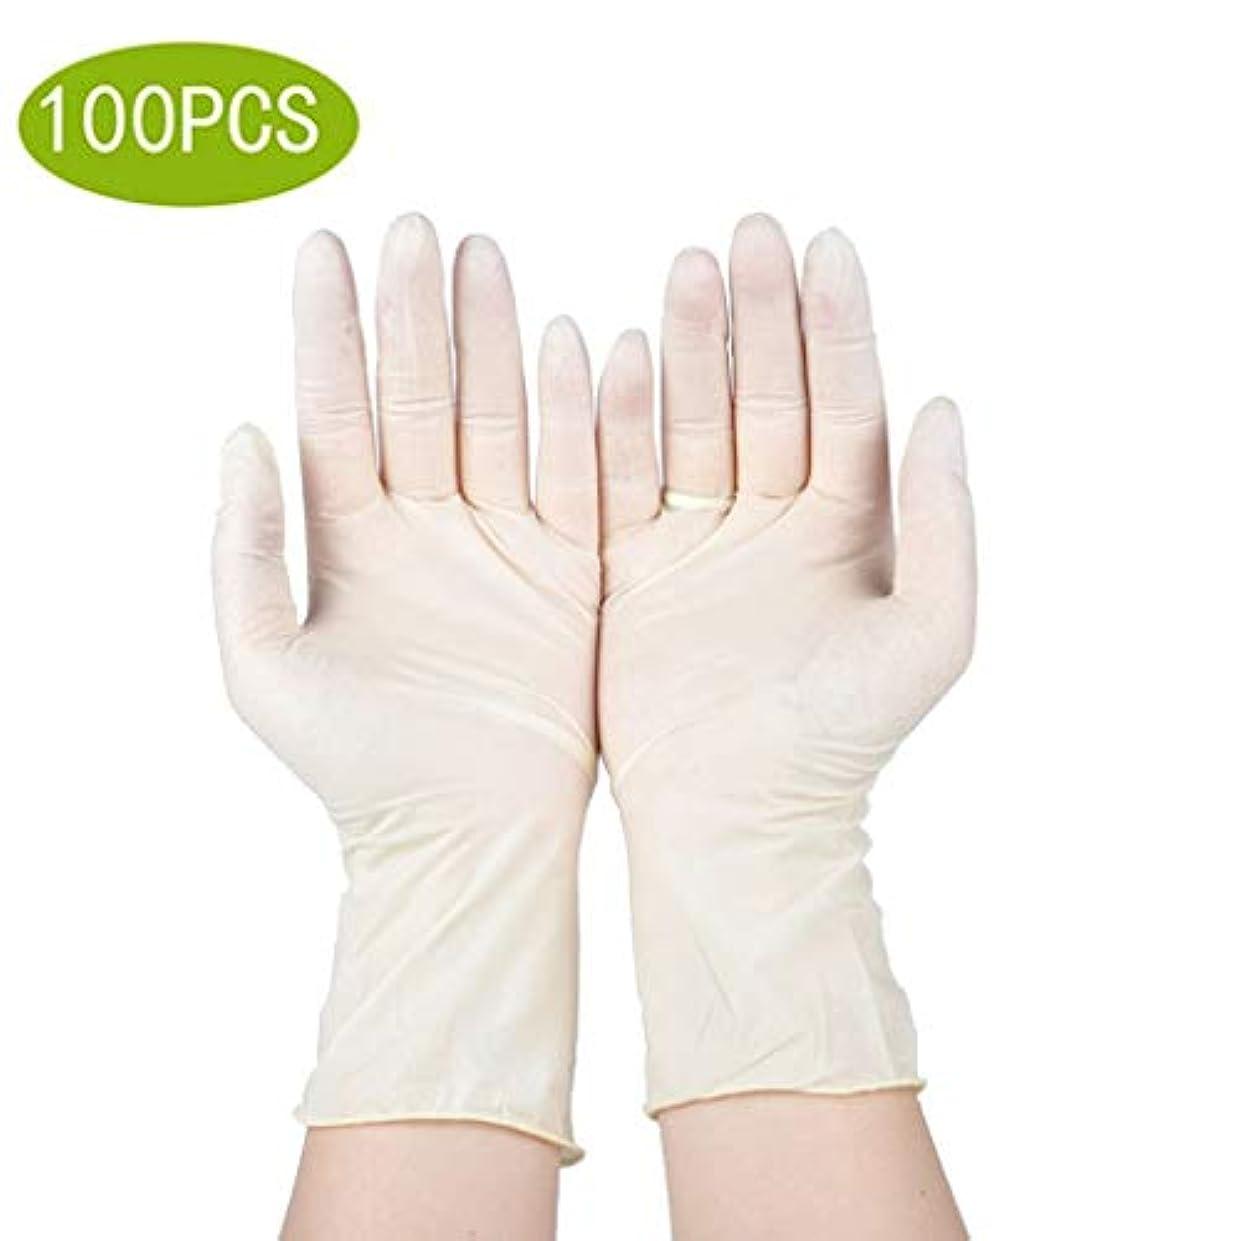 スローガン舗装するマウントニトリル手袋義務使い捨てビニール手袋、100カウント、特大 - パウダーフリー、両用性、超快適、極度の強度、耐久性と伸縮性、医療、食品、マルチユース (Color : Latex Gloves, Size : M)